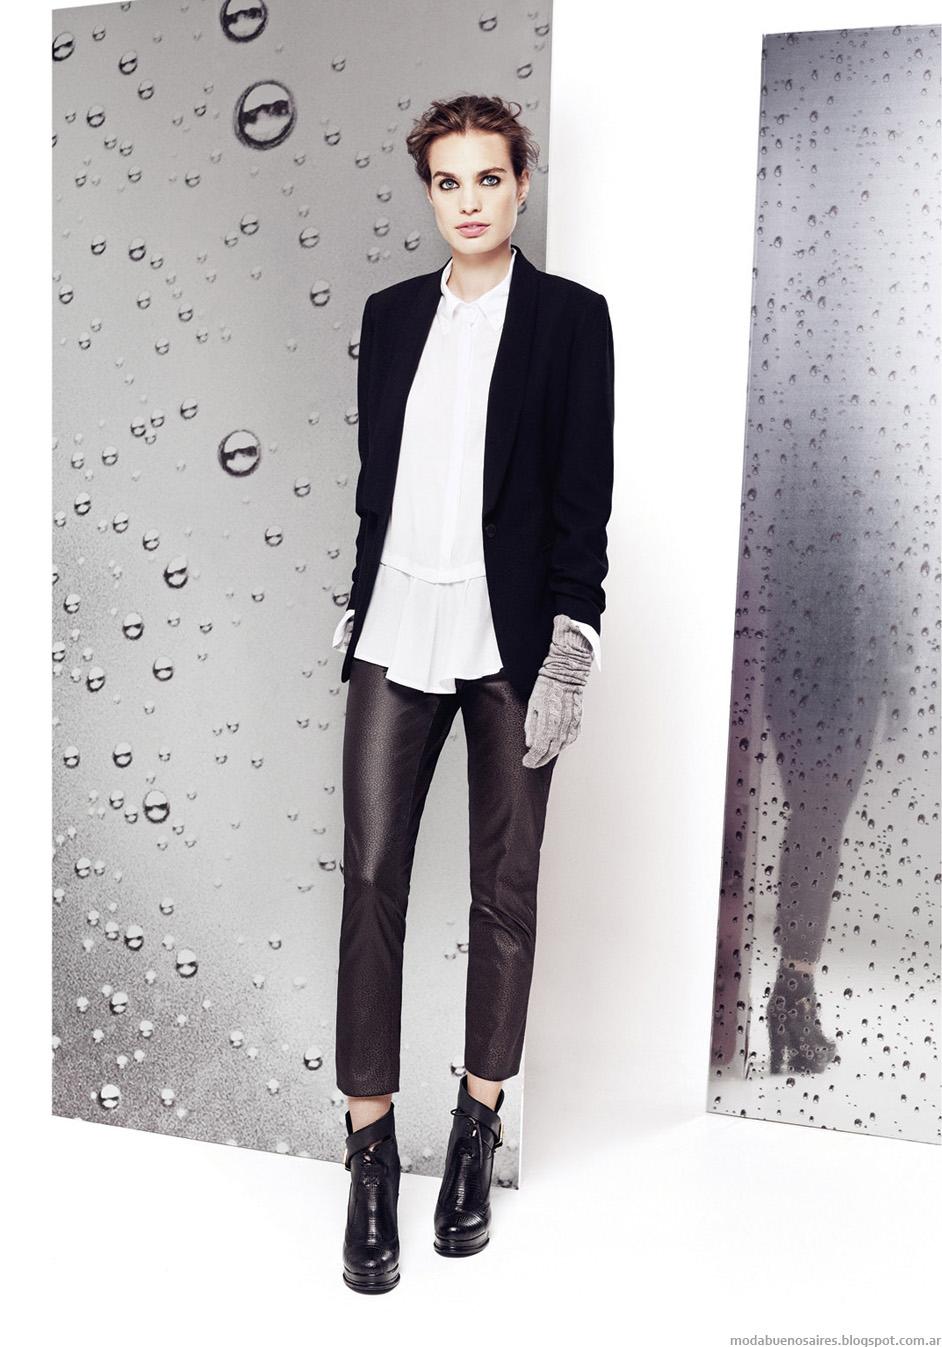 Sacos y pantalones invierno 2014 Graciela Naum.